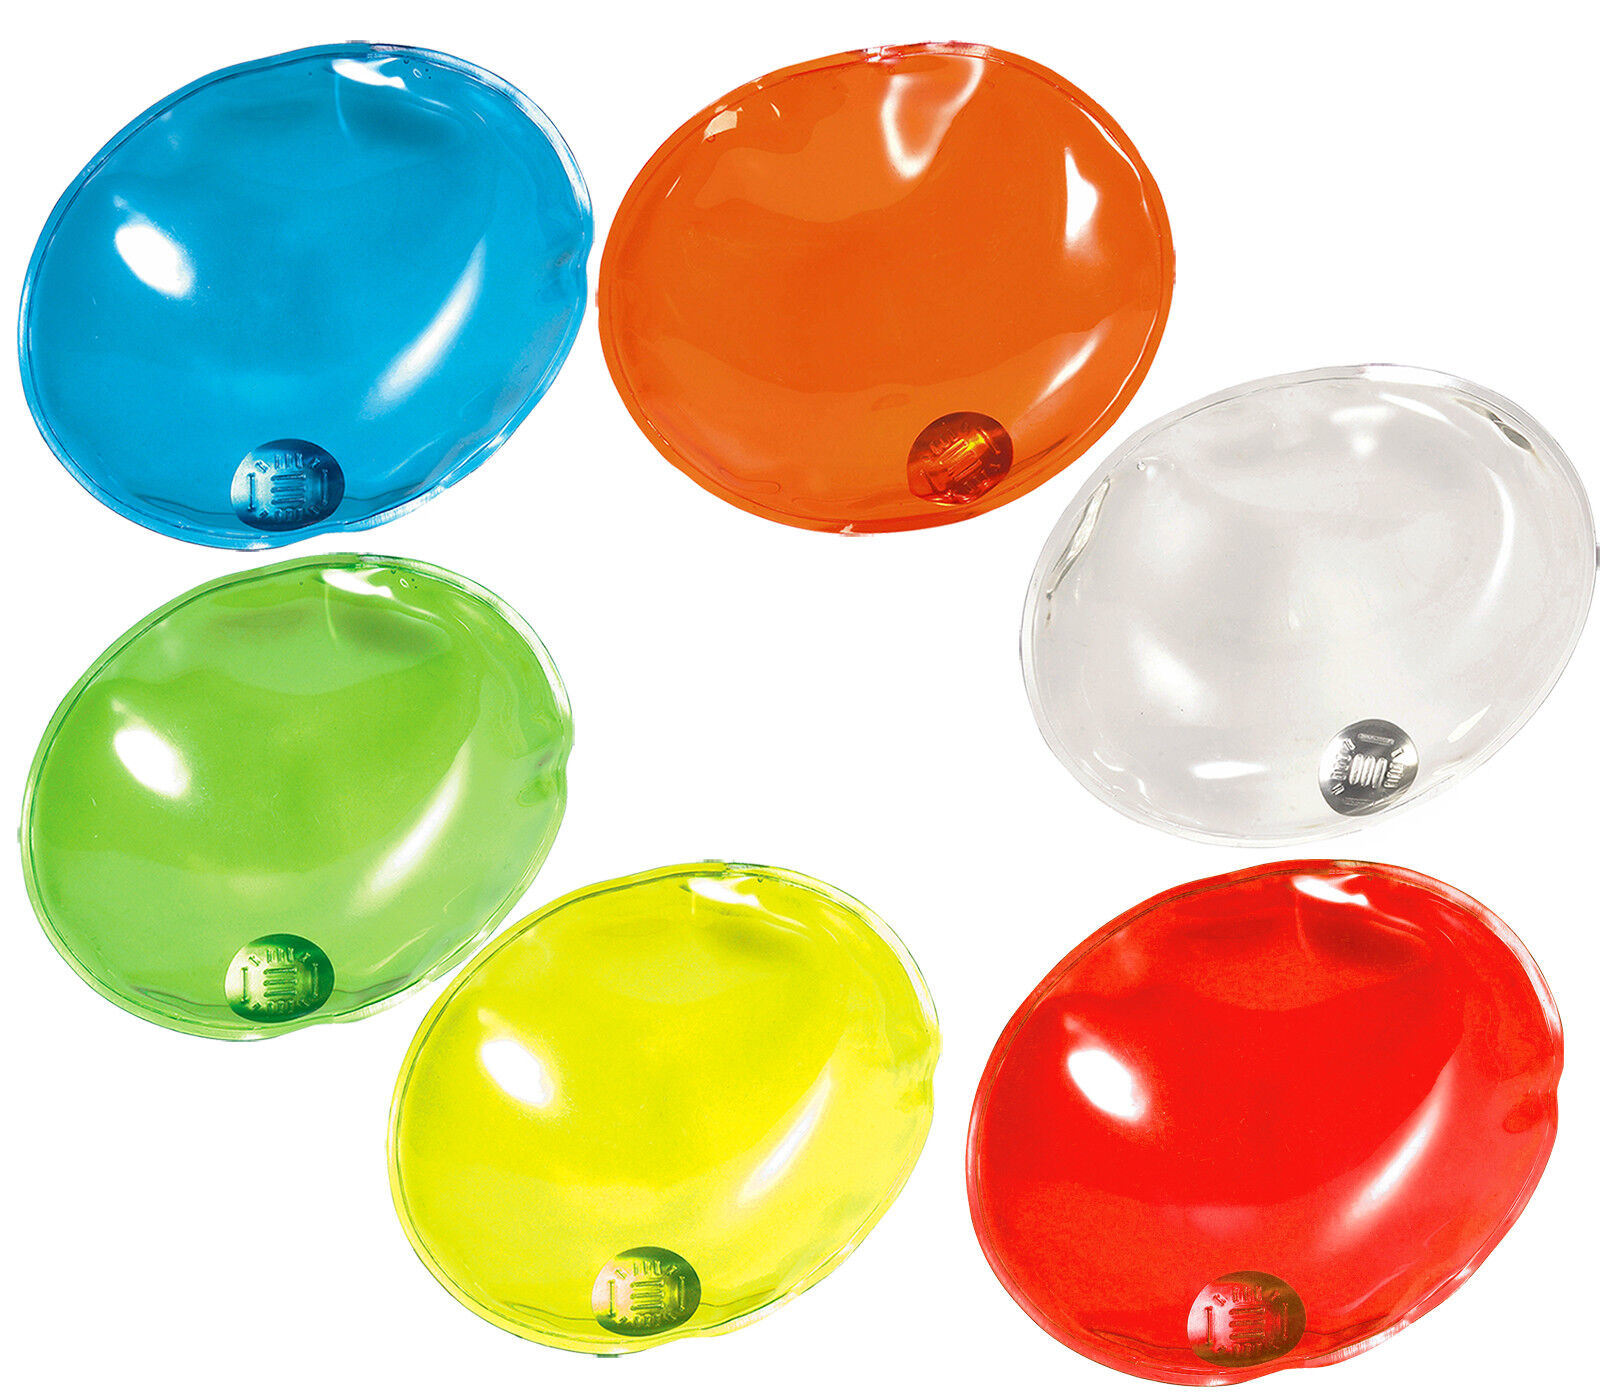 25 Ovali Riutilizzabili Calore Pad   Scalda Mani Sci   Tempo Freddo 6 Colour